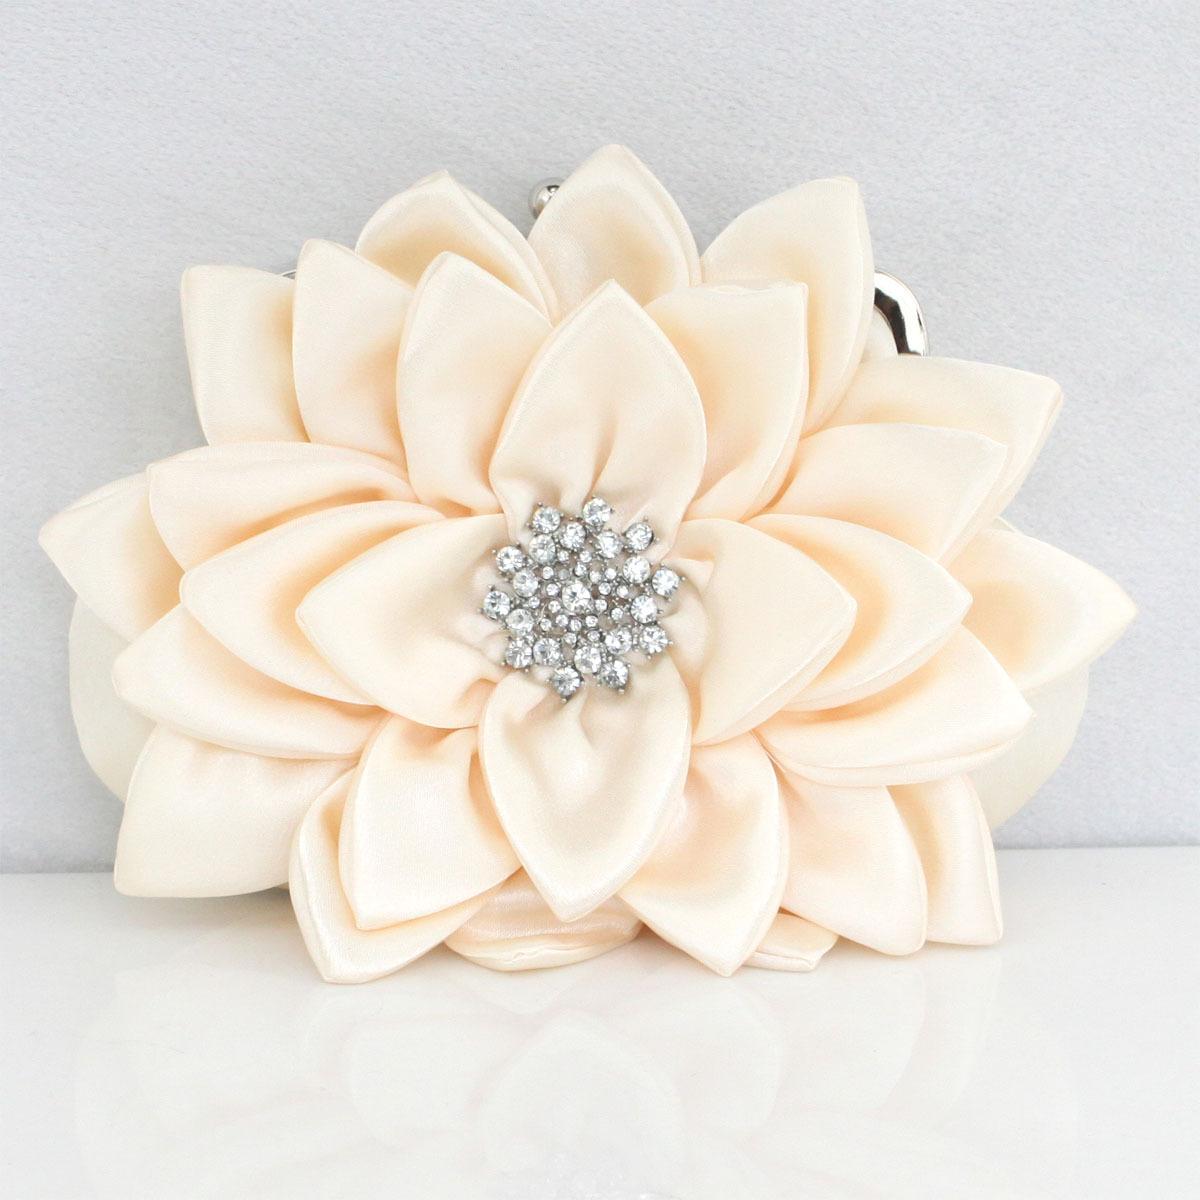 结婚宴会礼品 彩月时尚丝绸镶钻手包晚宴包新娘包伴娘包女士小包